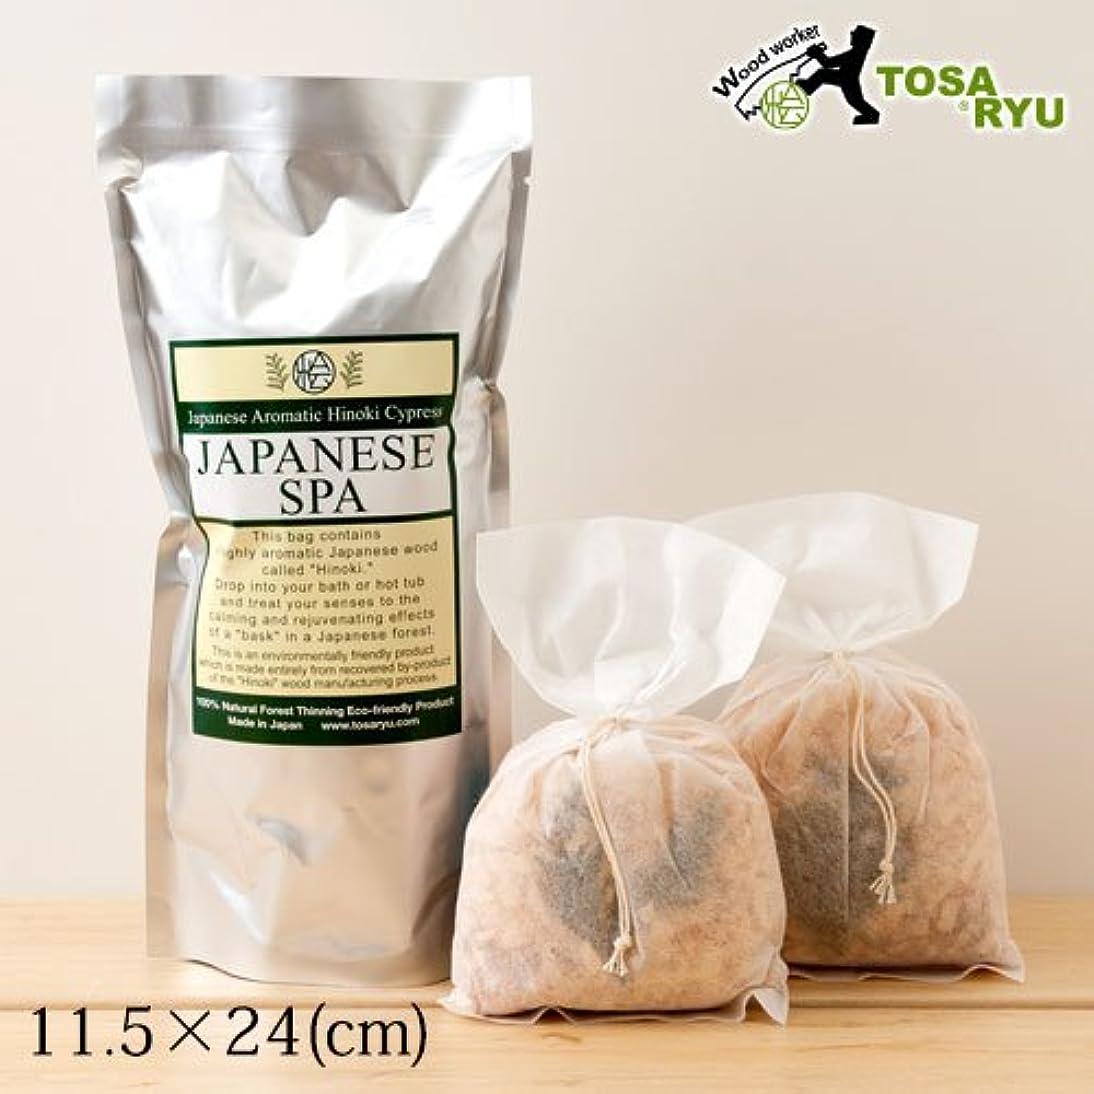 魔術力台無しにTosaryu, JAPANESE SPA, Bath additive of cypress, Kochi craft